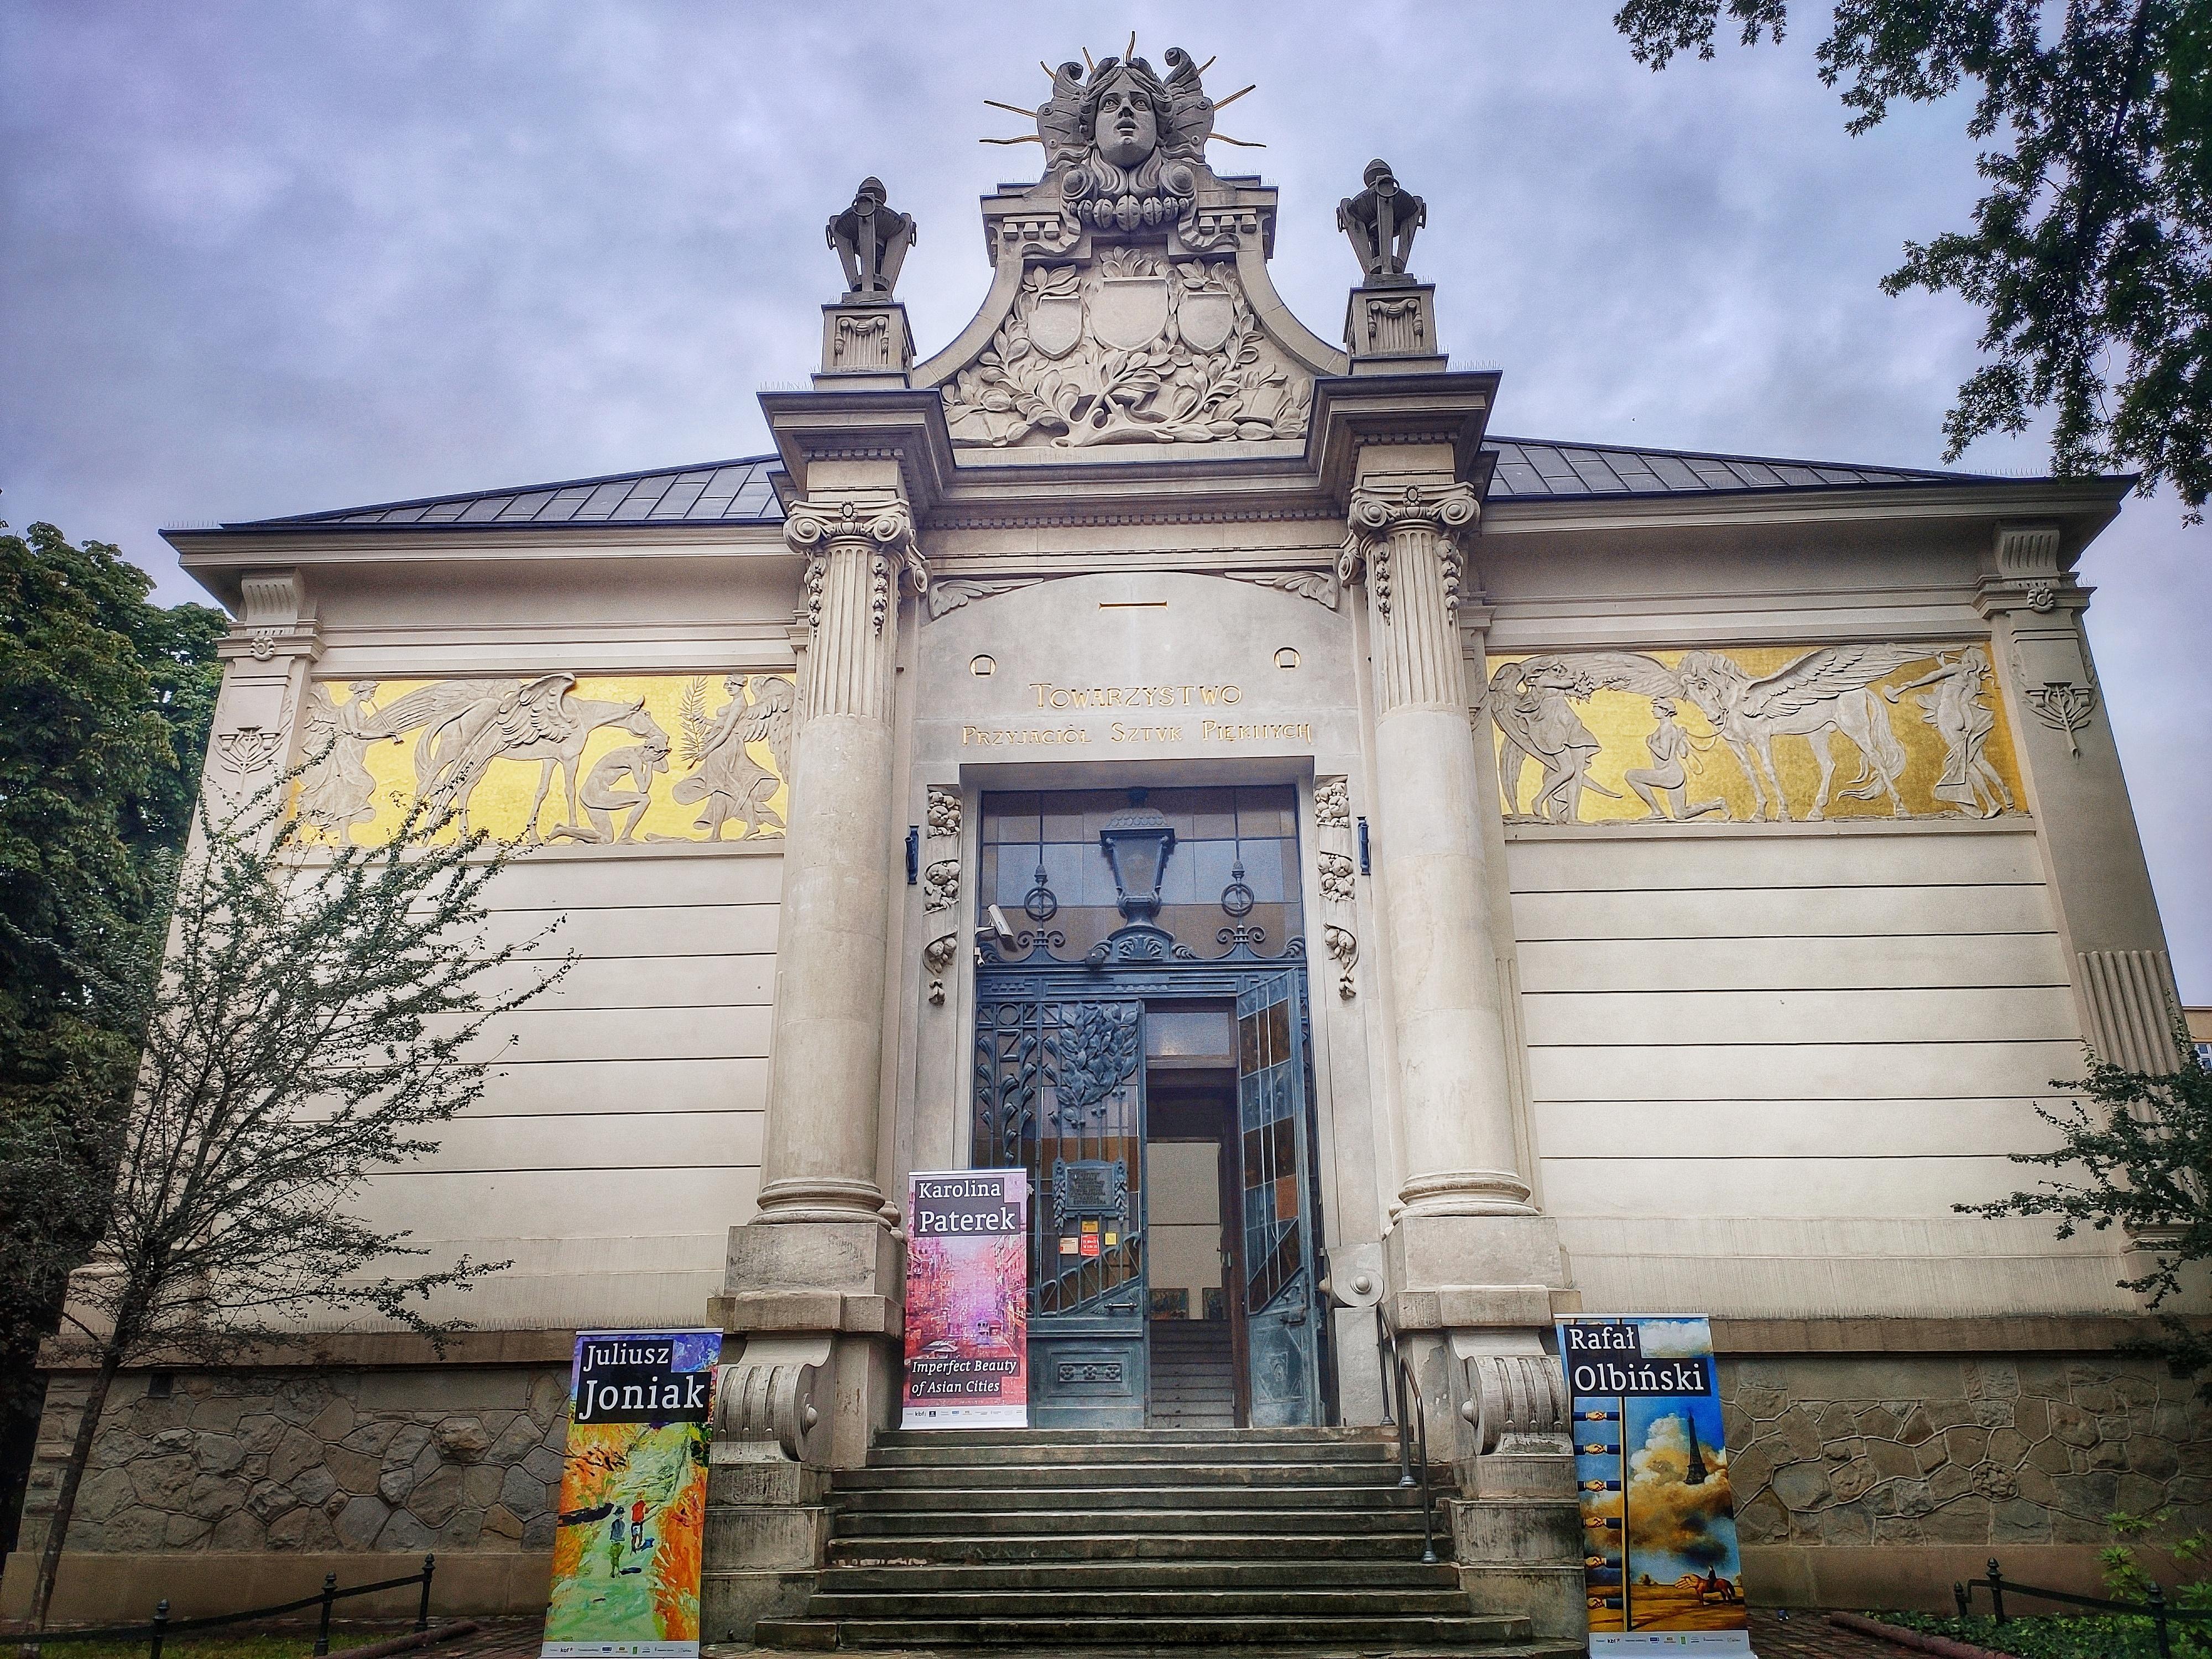 Wejście główne do Gmachu Towarzystwa Przyjaciół Sztuk Pięknych, źródło: archiwum autorki